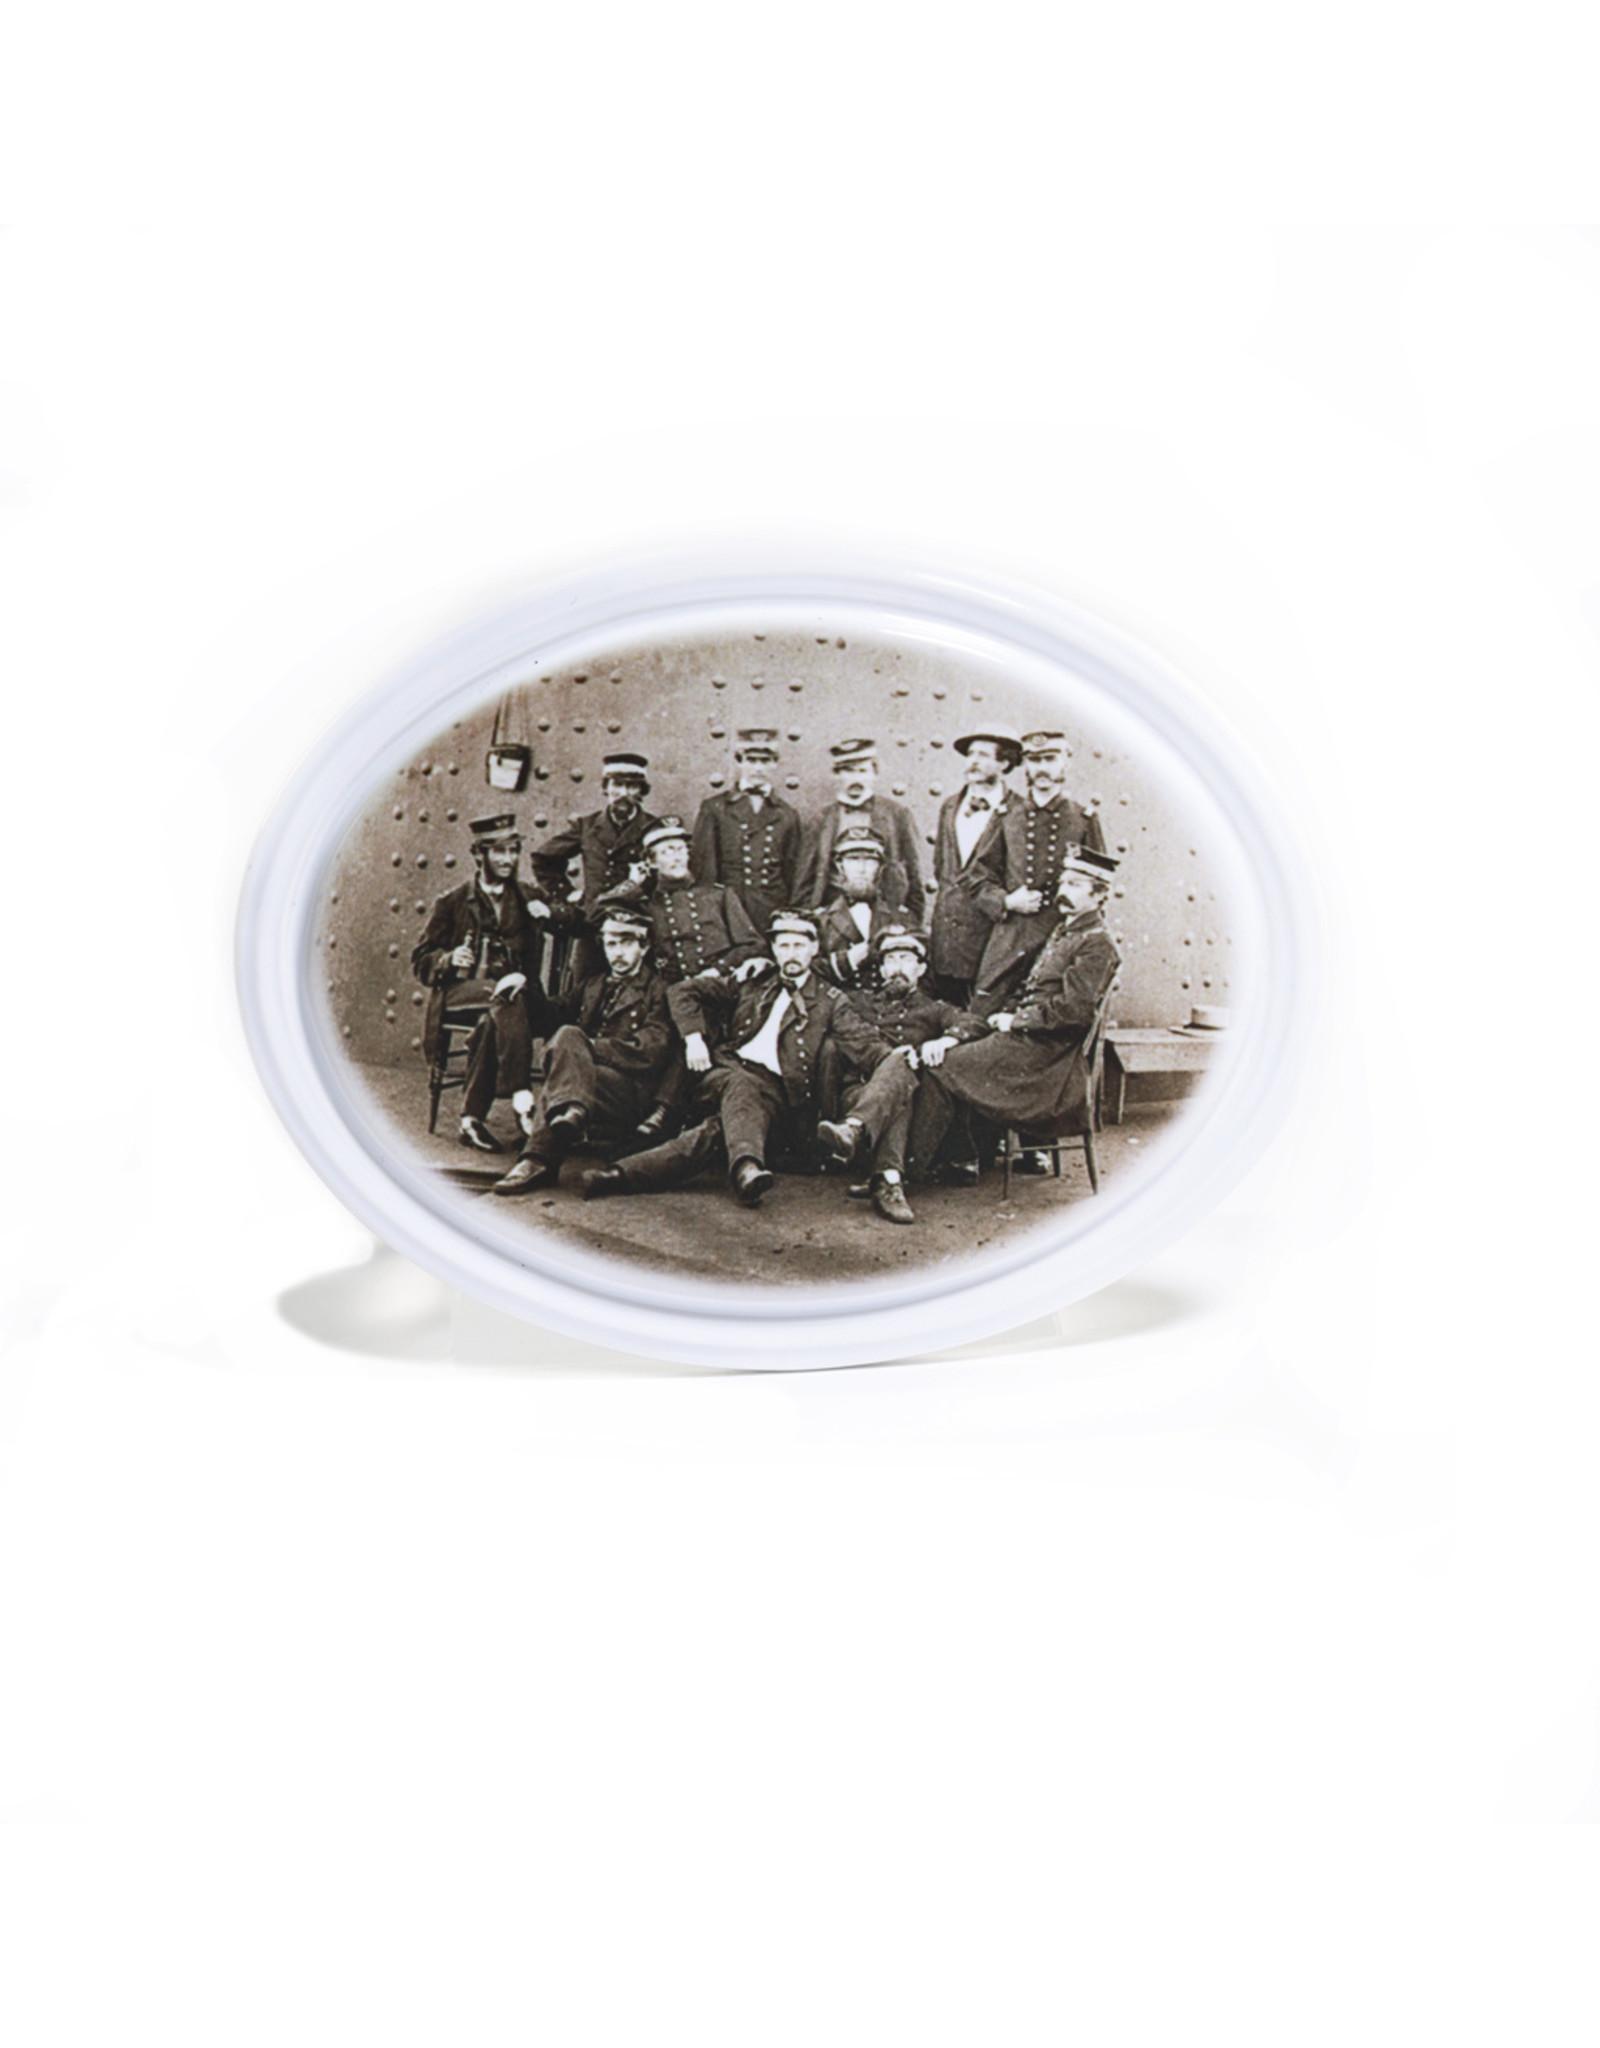 Monitor Crew Ceramic Magnet